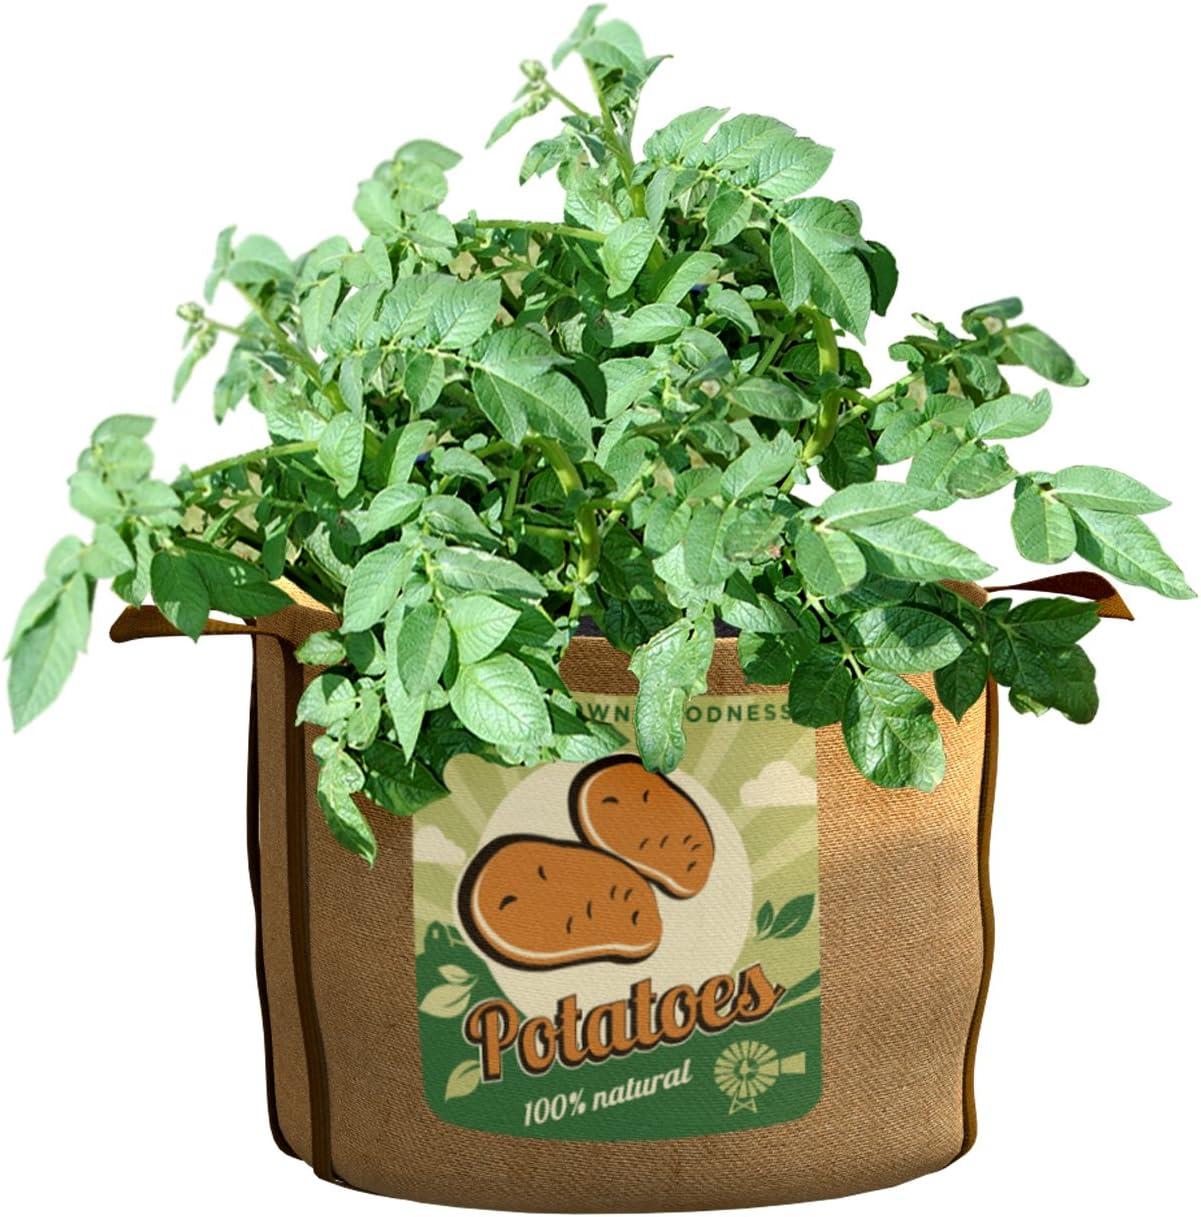 PANACEA PRODUCTS 30 gallon Grow Bag Potatoes - 84388